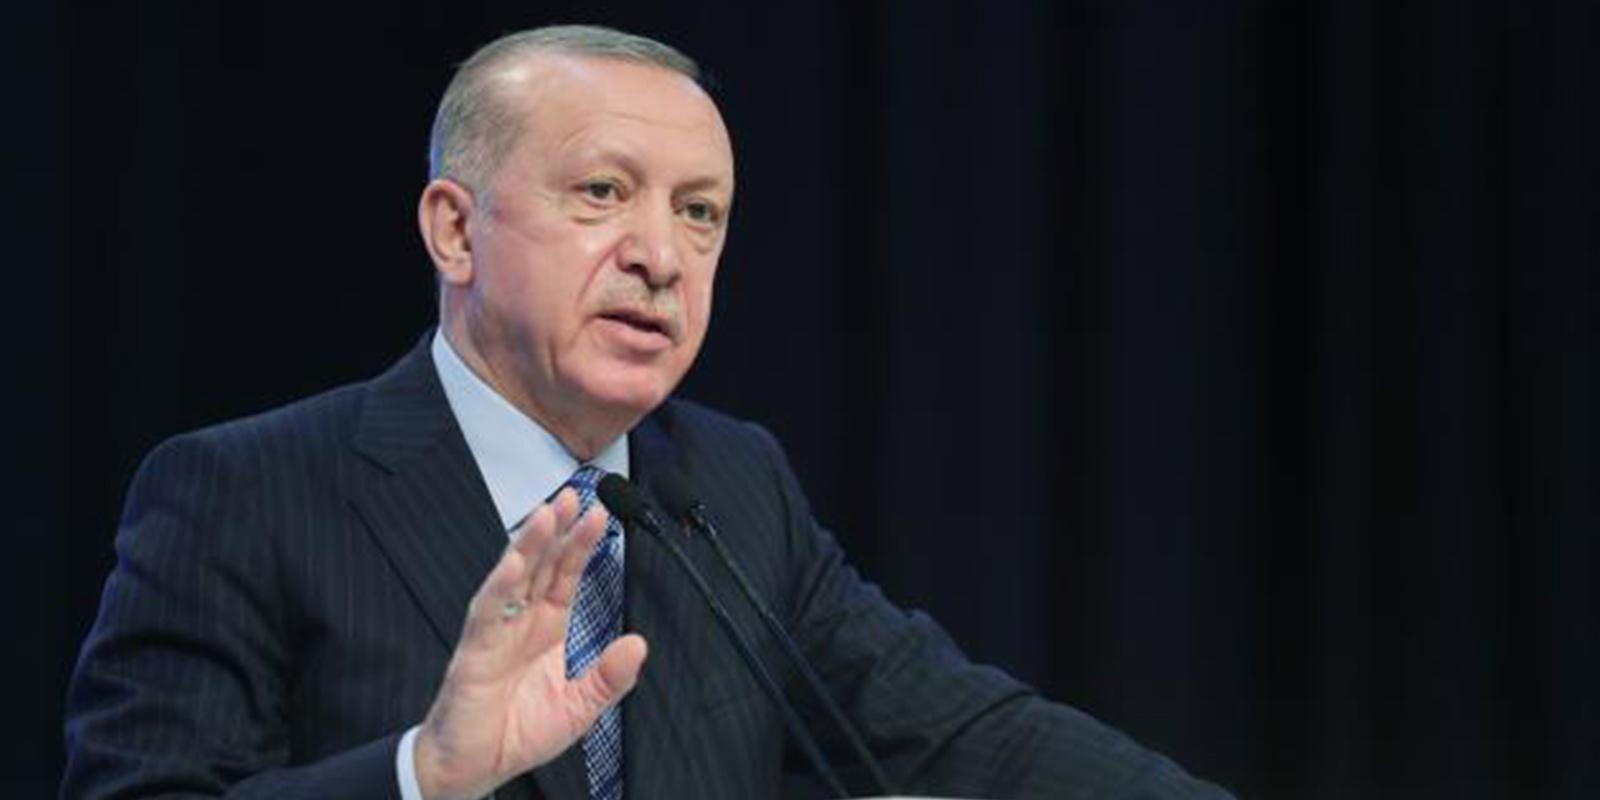 Son dakika | Cumhurbaşkanı Erdoğan, Irak Başbakanı Kazımi ile görüşme gerçekleştirdi